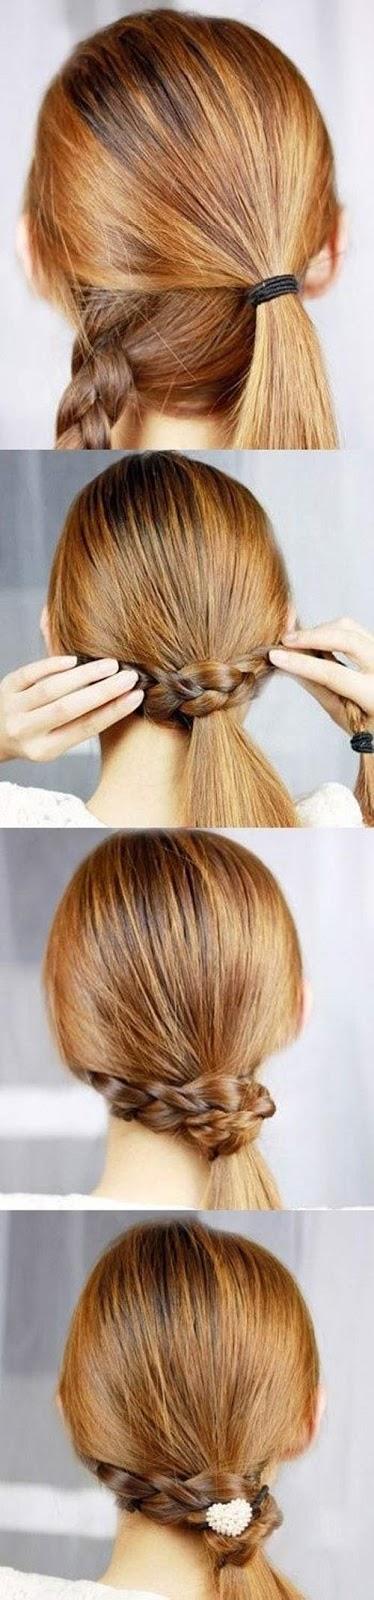 3 kiểu tóc mùa đông đẹp nhìn là thích (3)